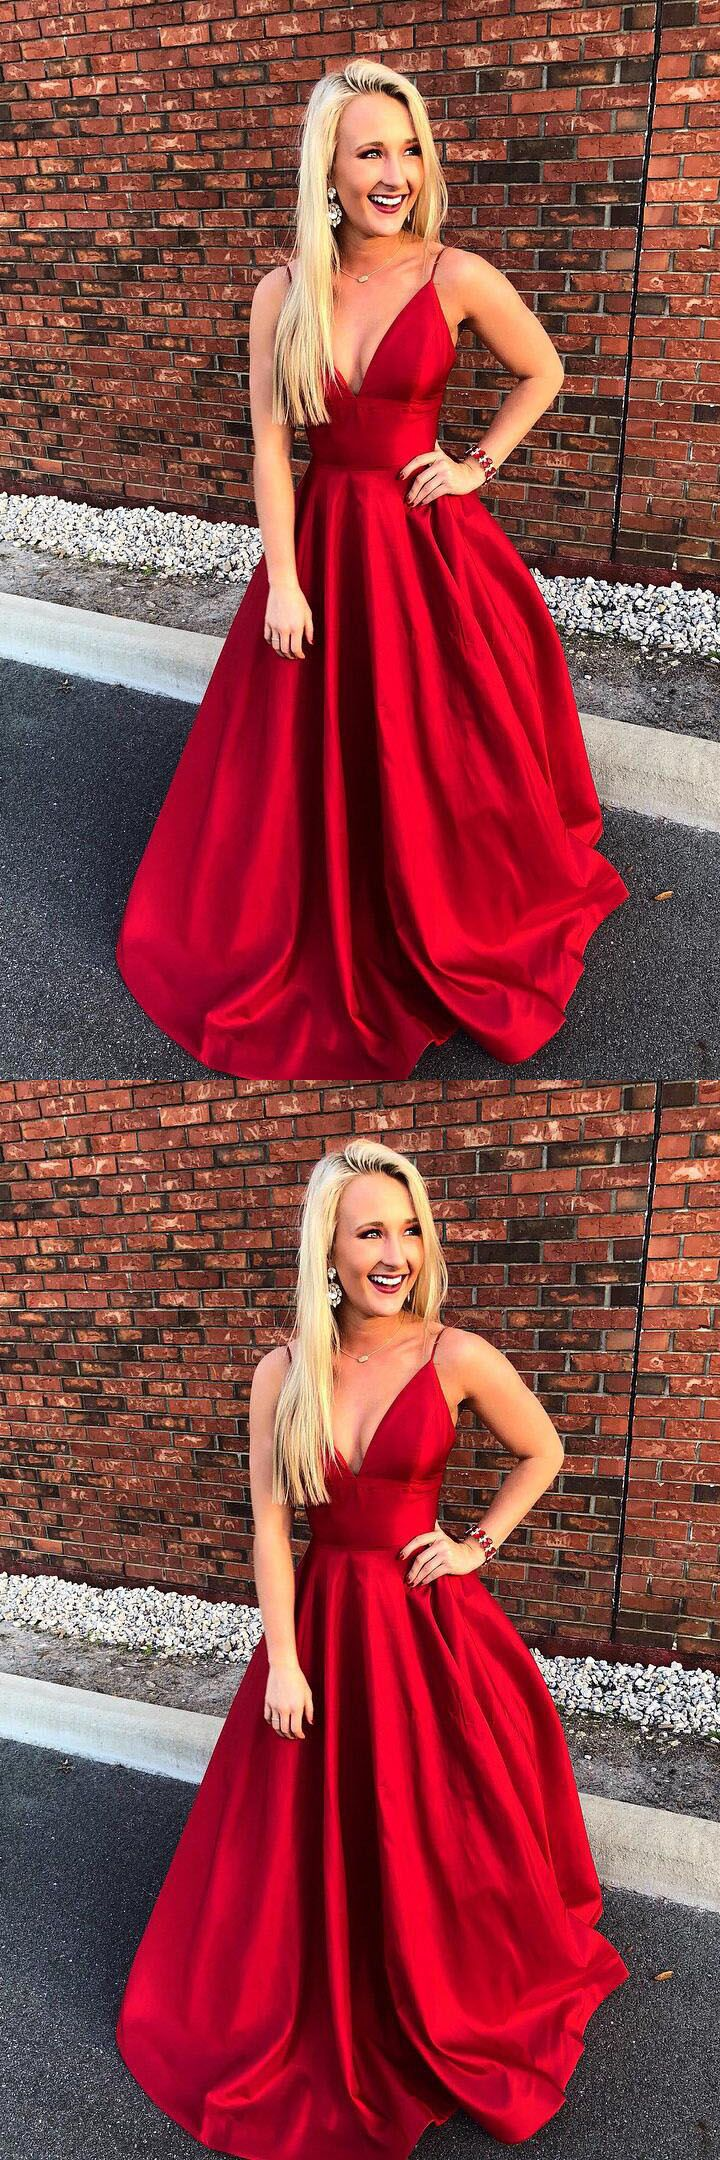 best fashion dresses riva images on pinterest find color